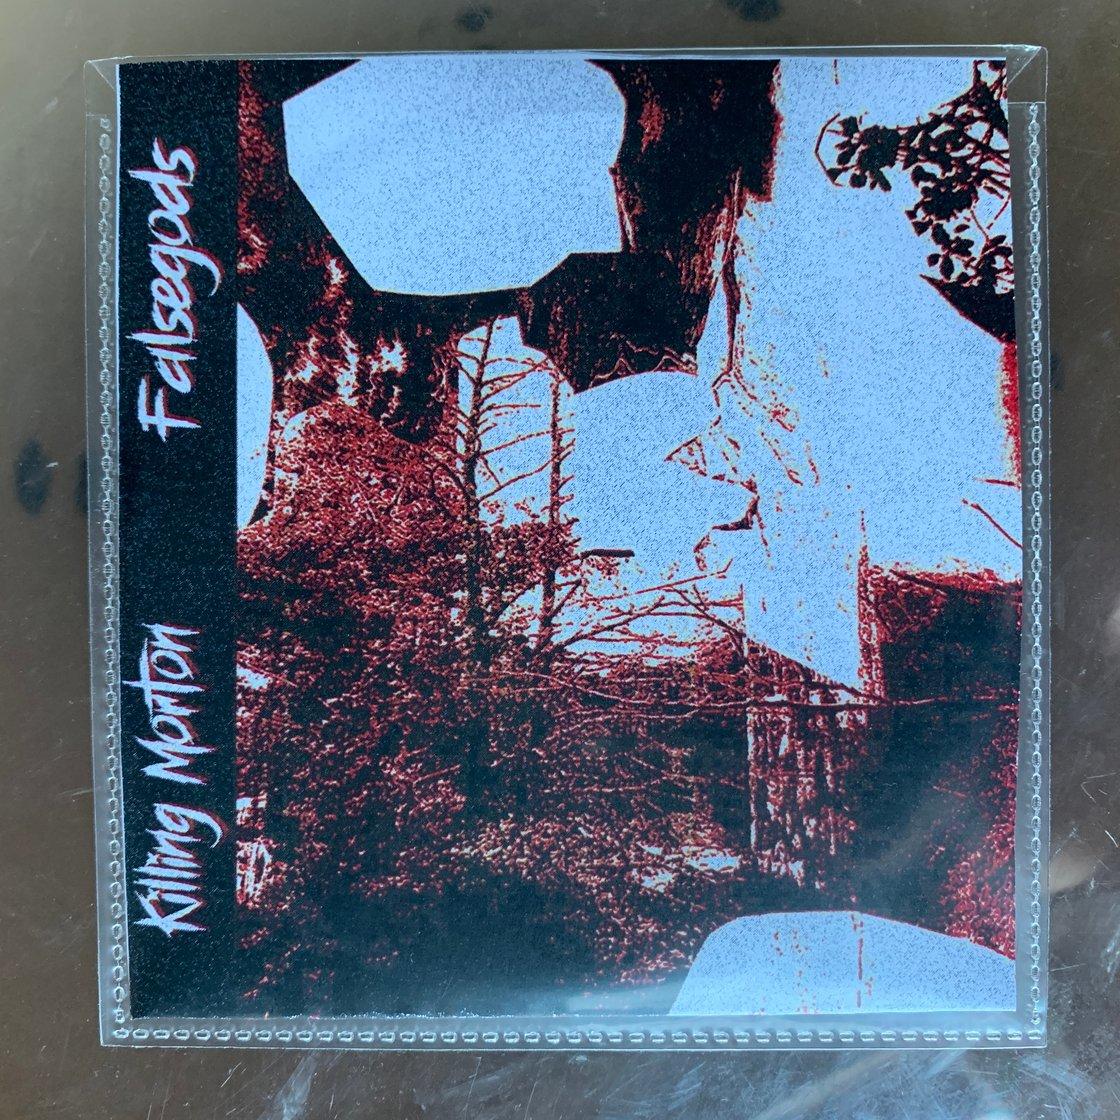 Image of FALSEGODS SINGLE CD